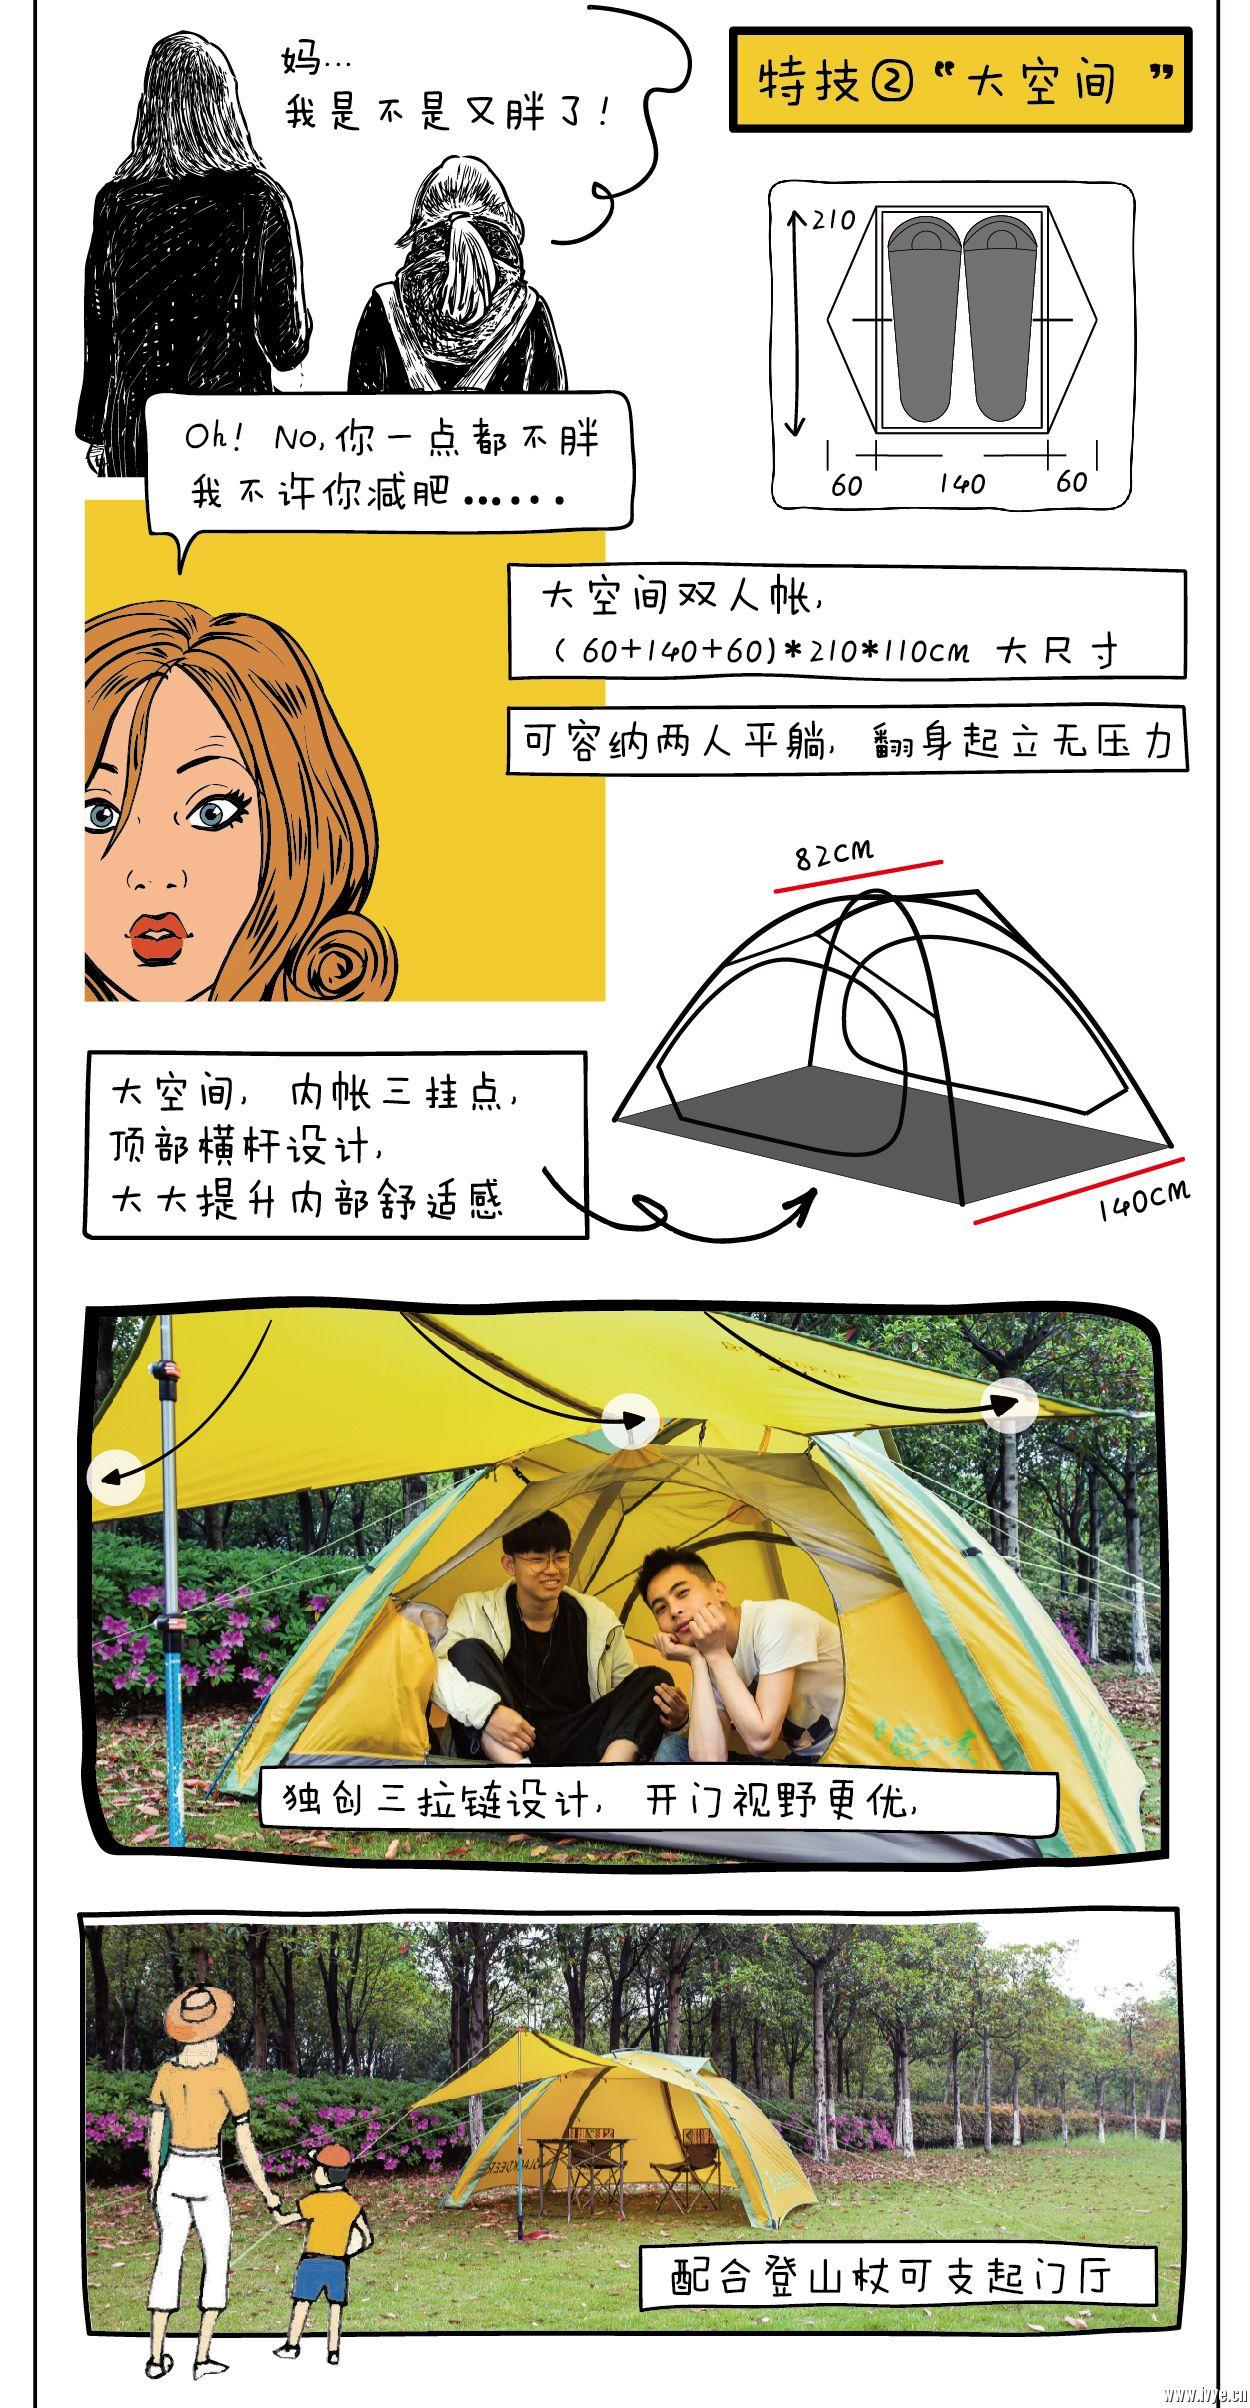 鹿小友帐篷详情页单P版-05.jpg